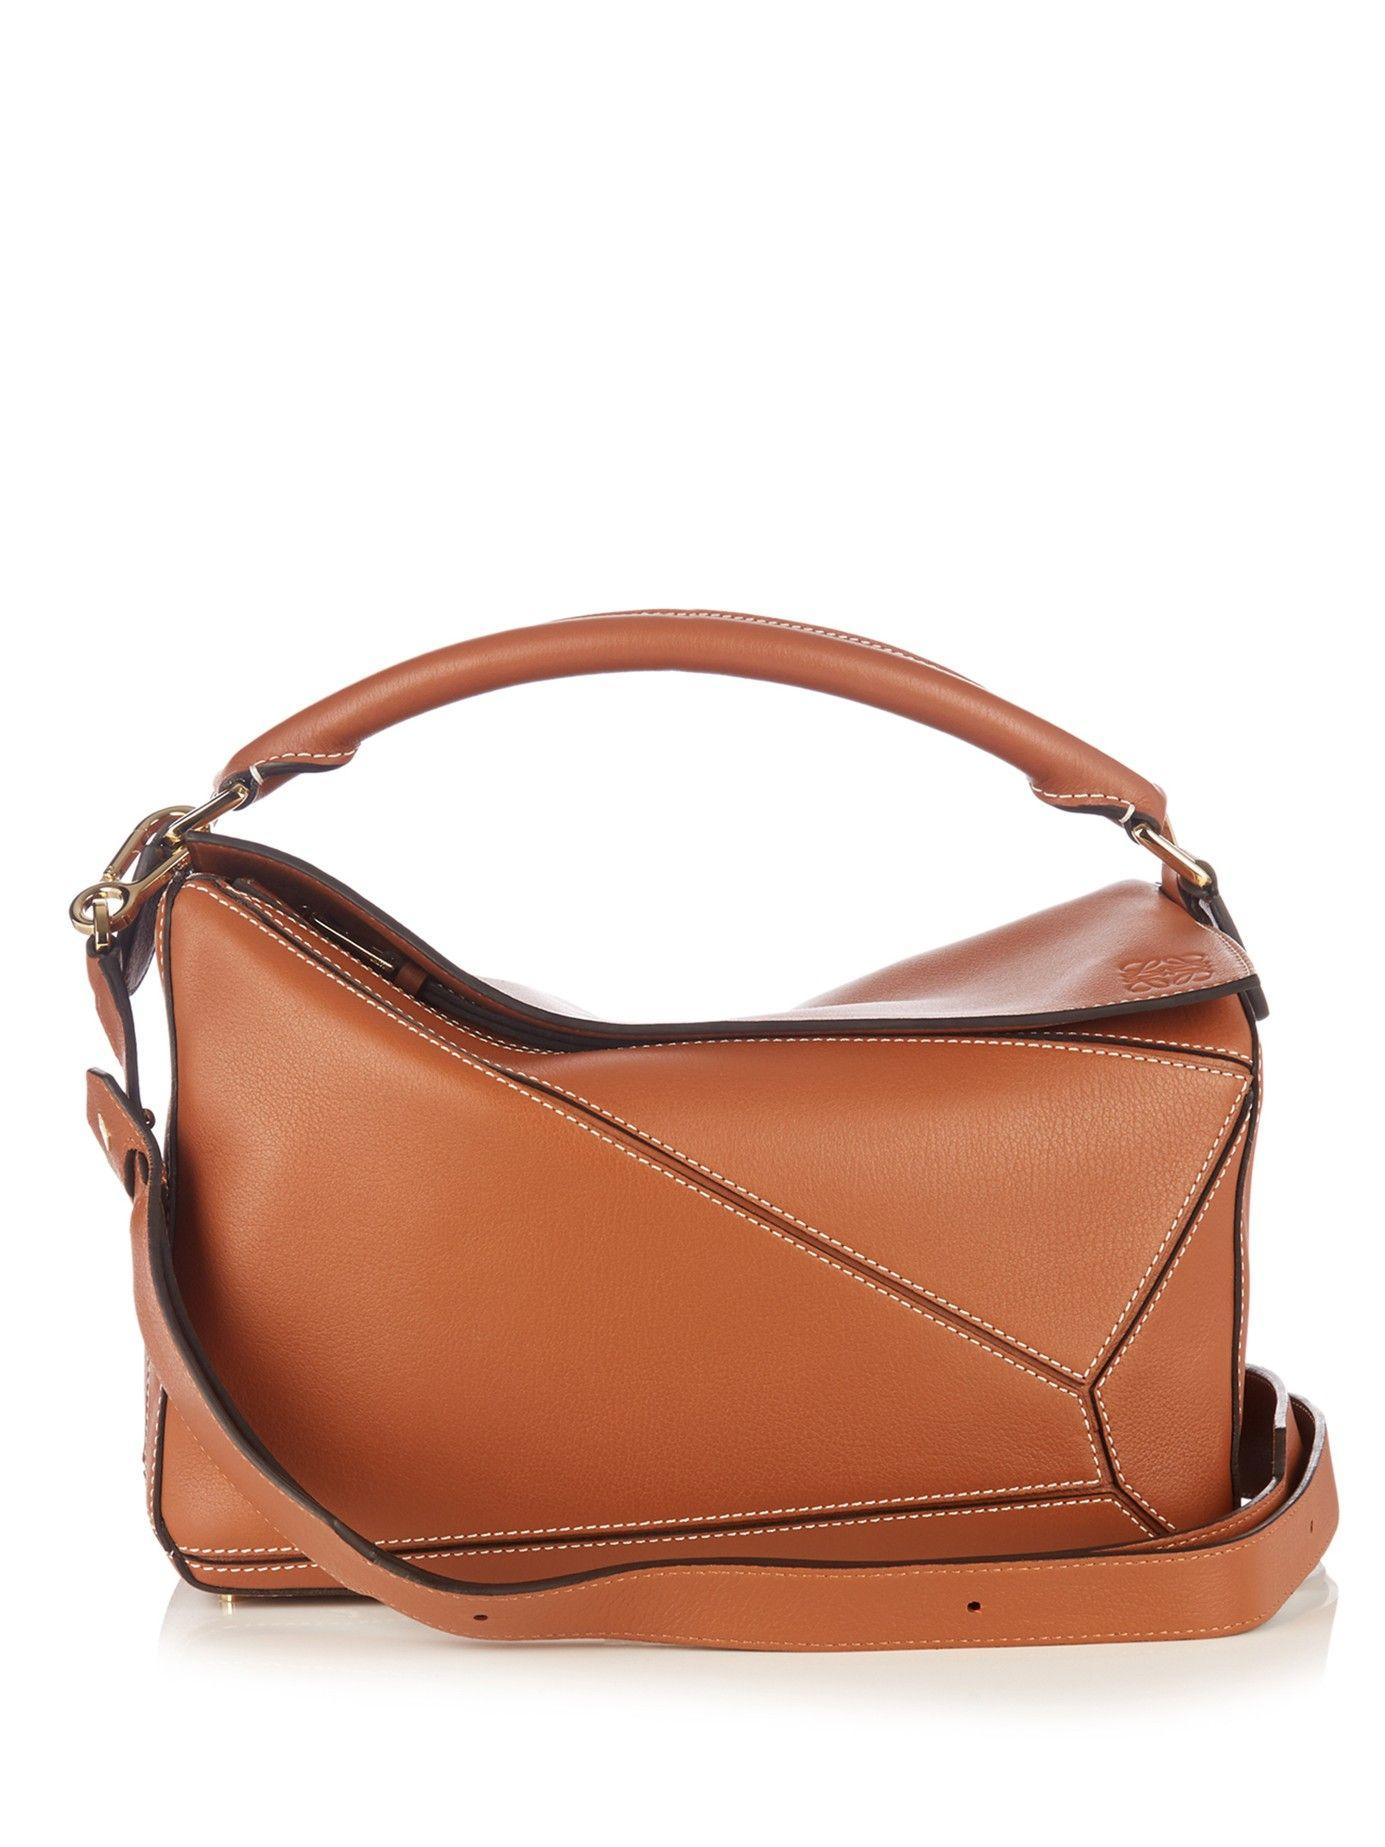 Puzzle Leather Bag Loewe Matchesfashion Com Uk